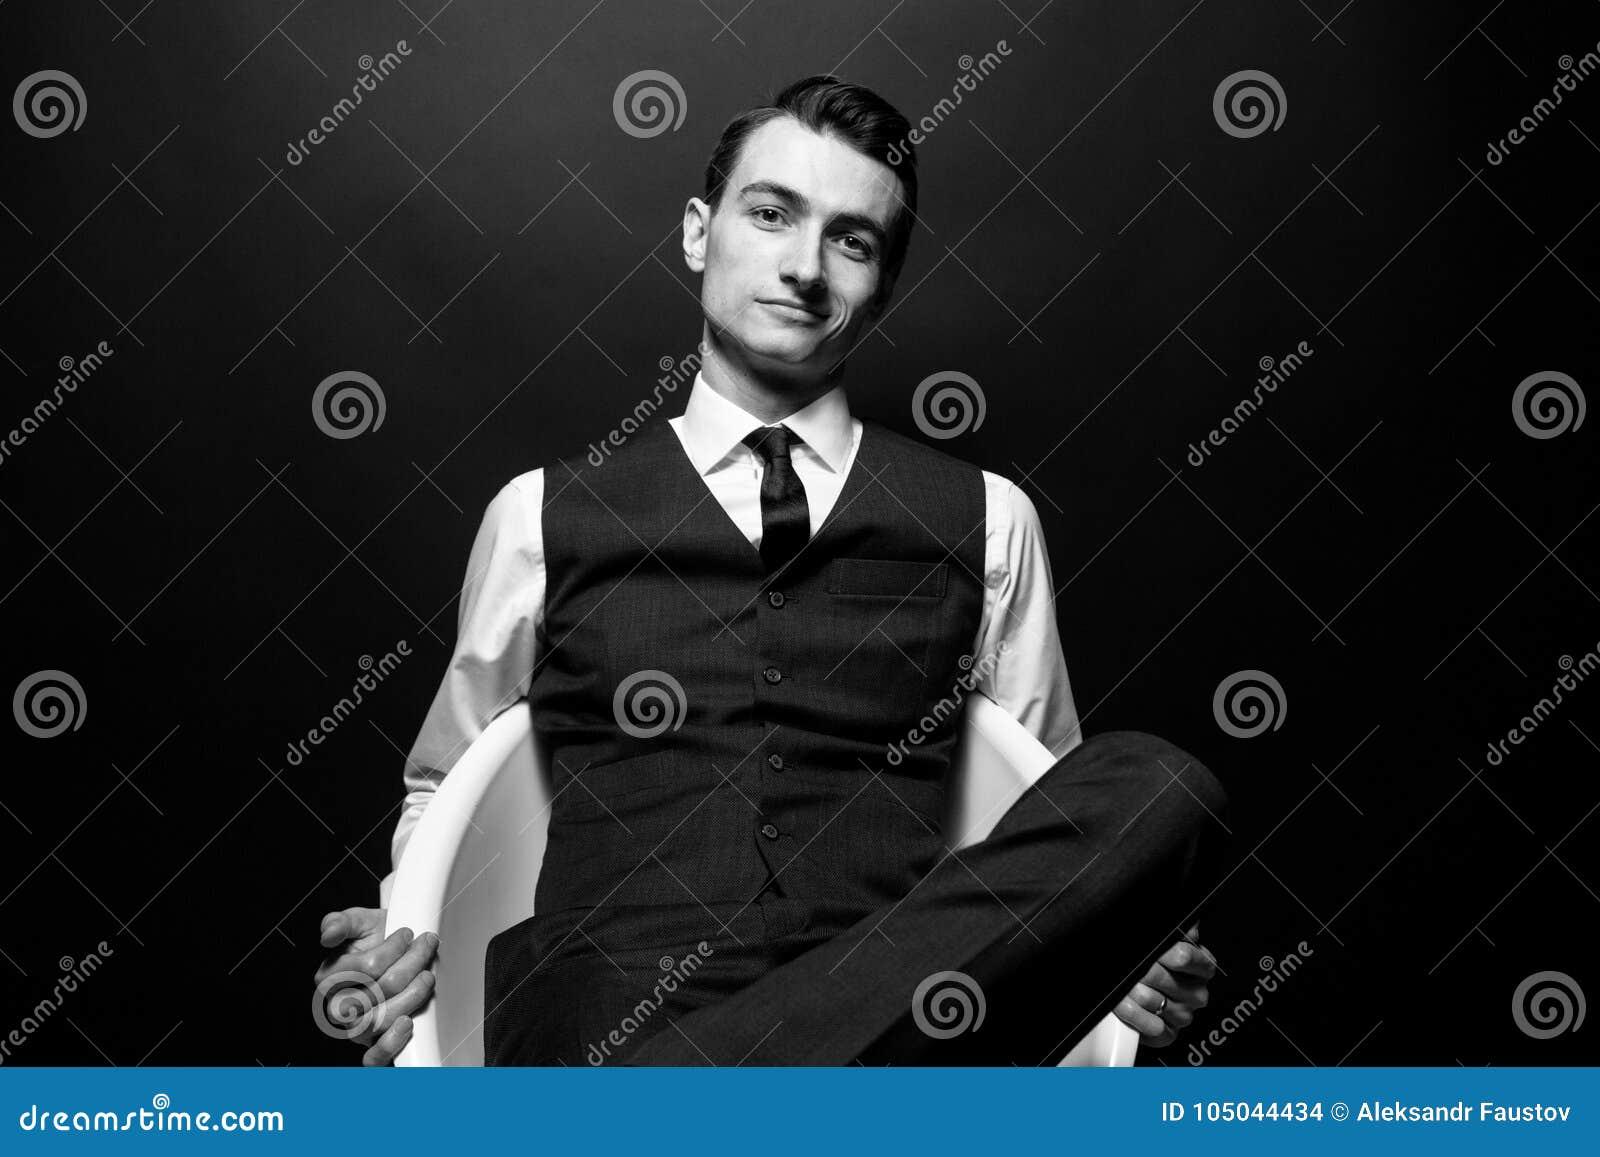 Svartvit stående av en ung stilig man i en vit skjorta, smoking och väst som ser kameran